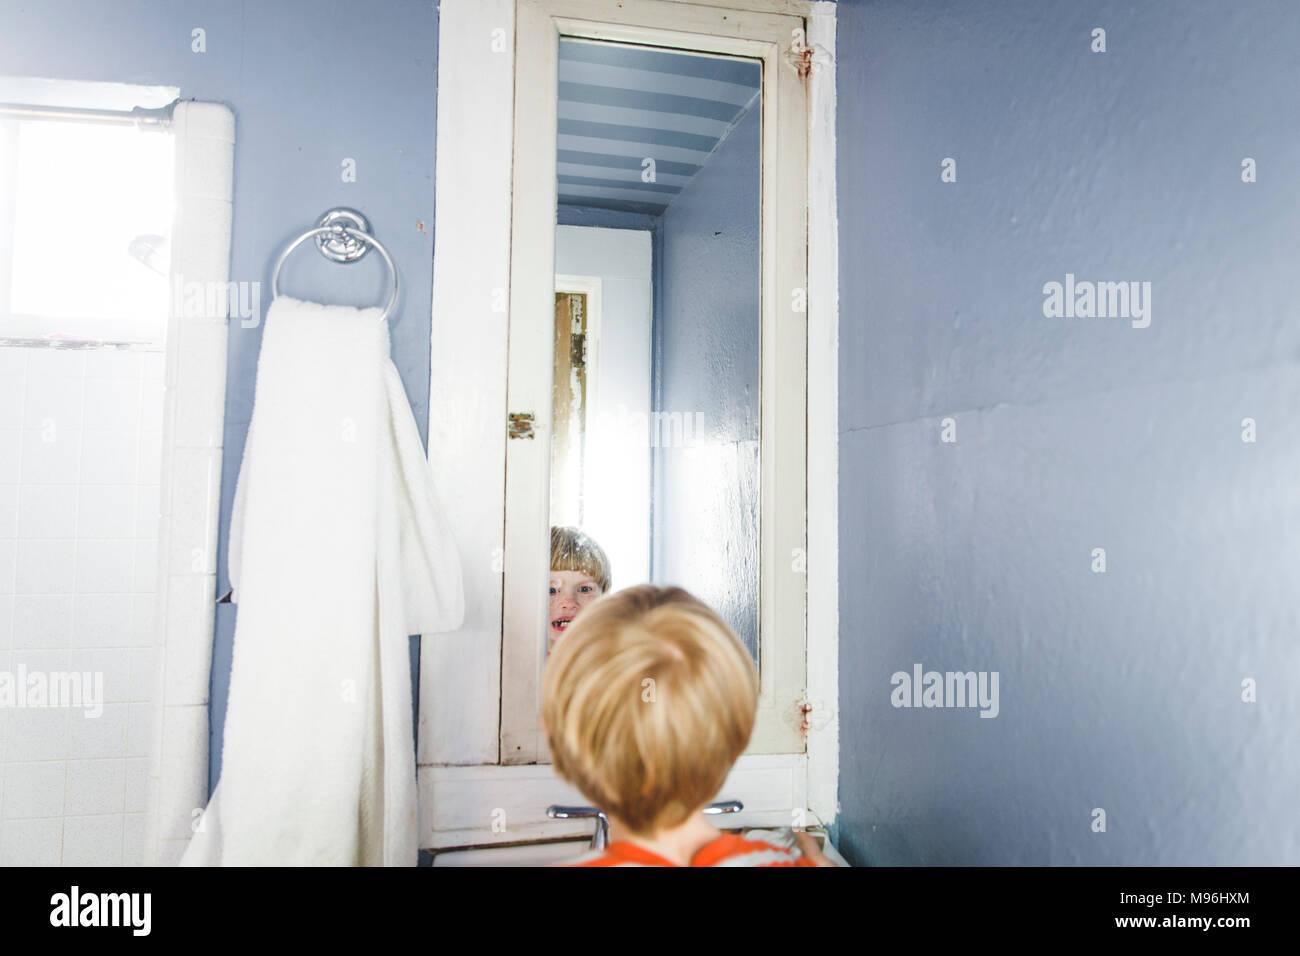 Junge lächelnd an sich selbst in den Spiegel Stockbild